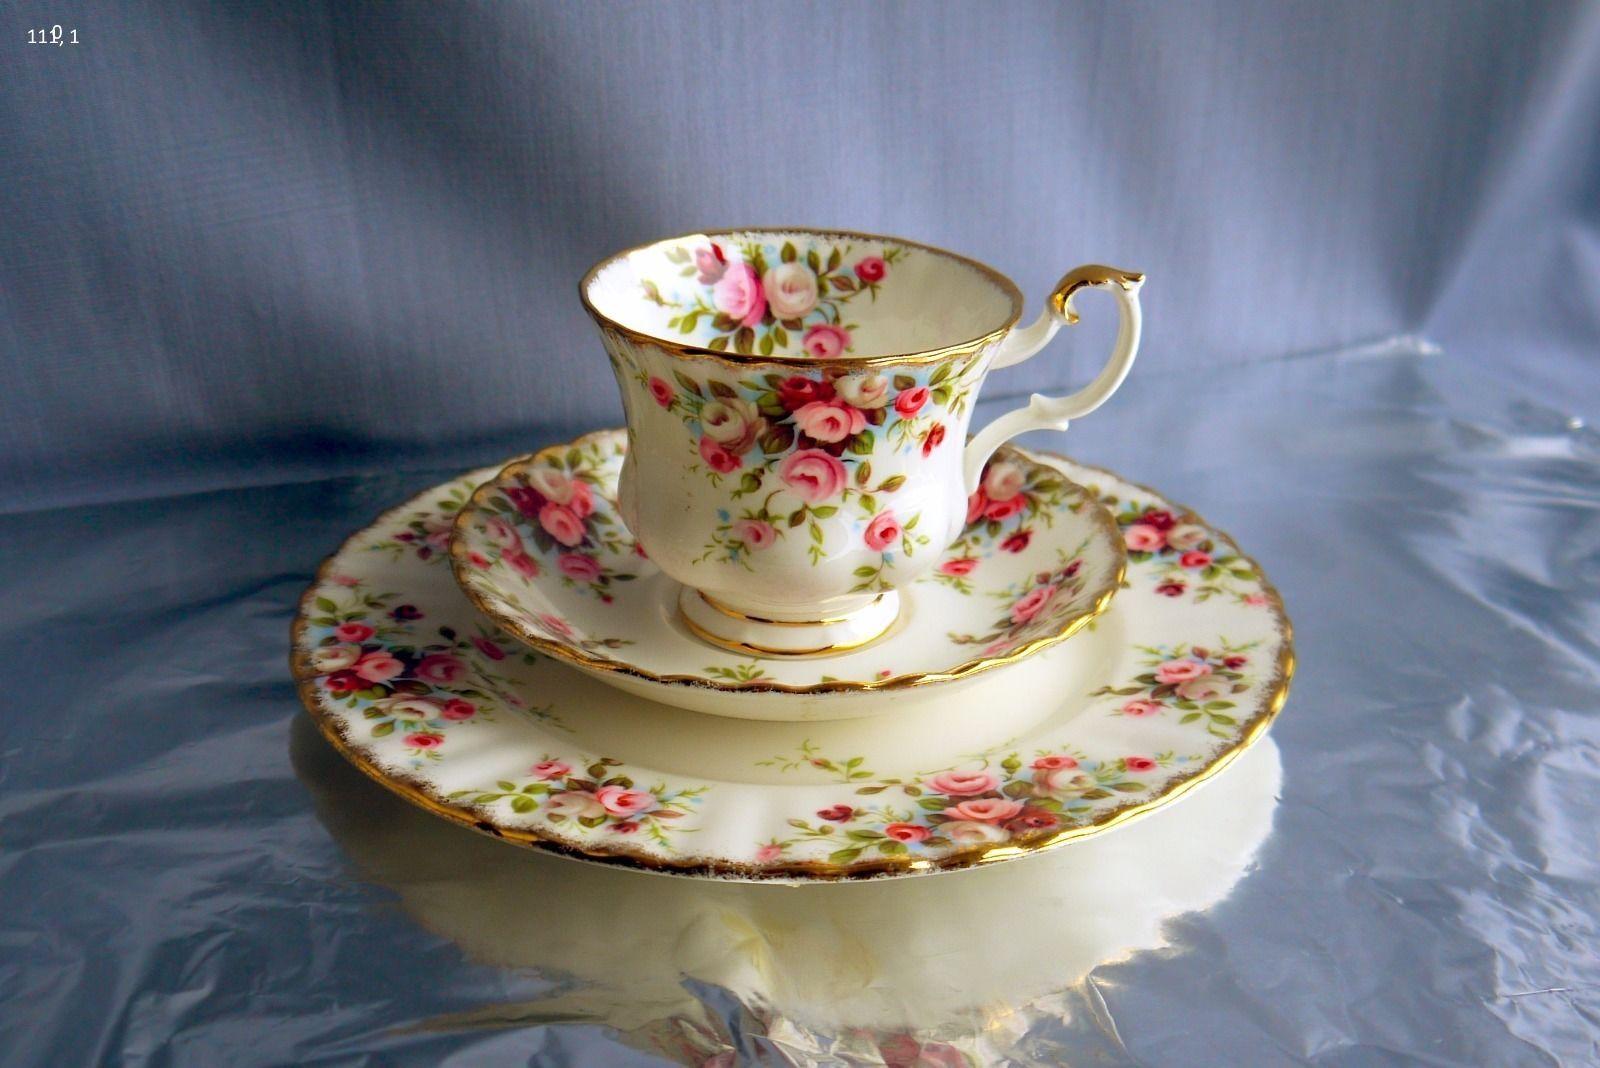 sammelgedeck sammeltasse royal albert cottage garden england ebay tea time. Black Bedroom Furniture Sets. Home Design Ideas